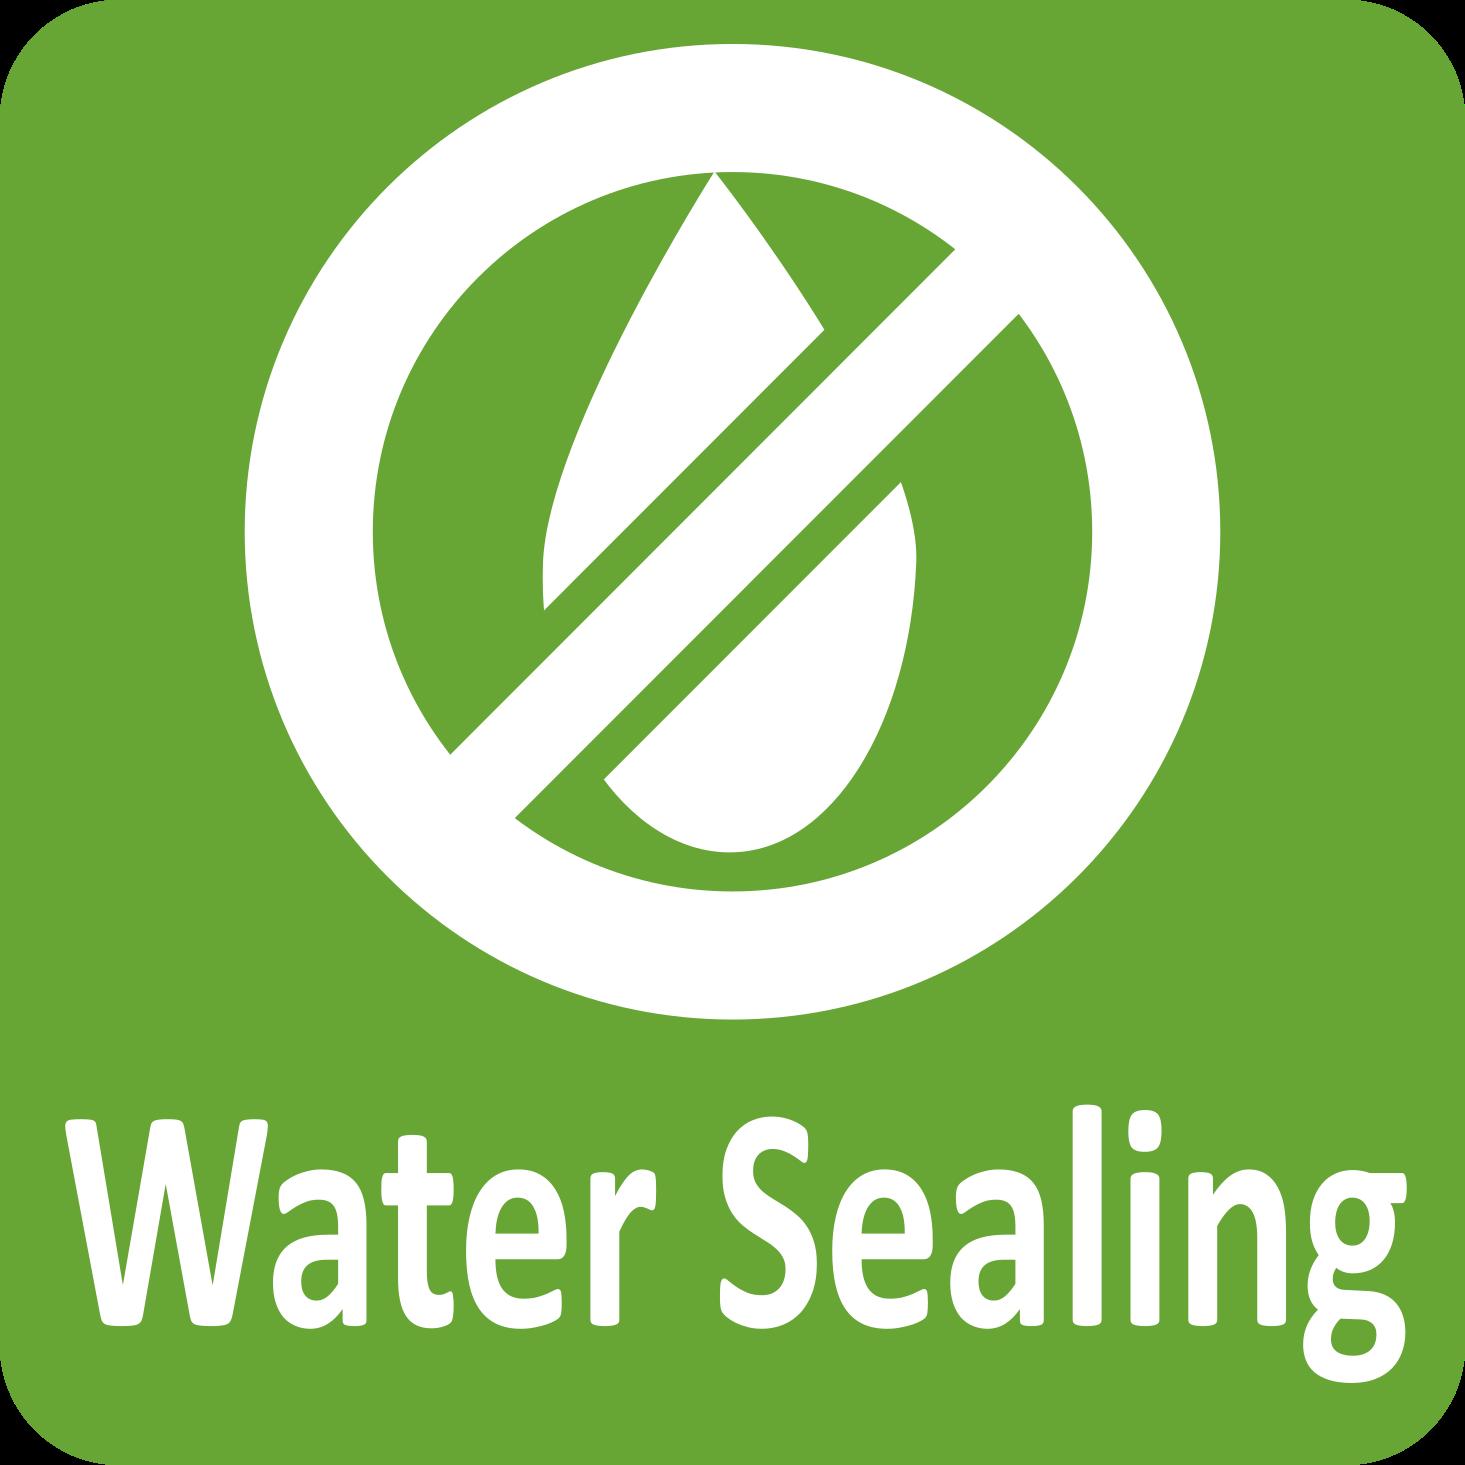 Water Sealing